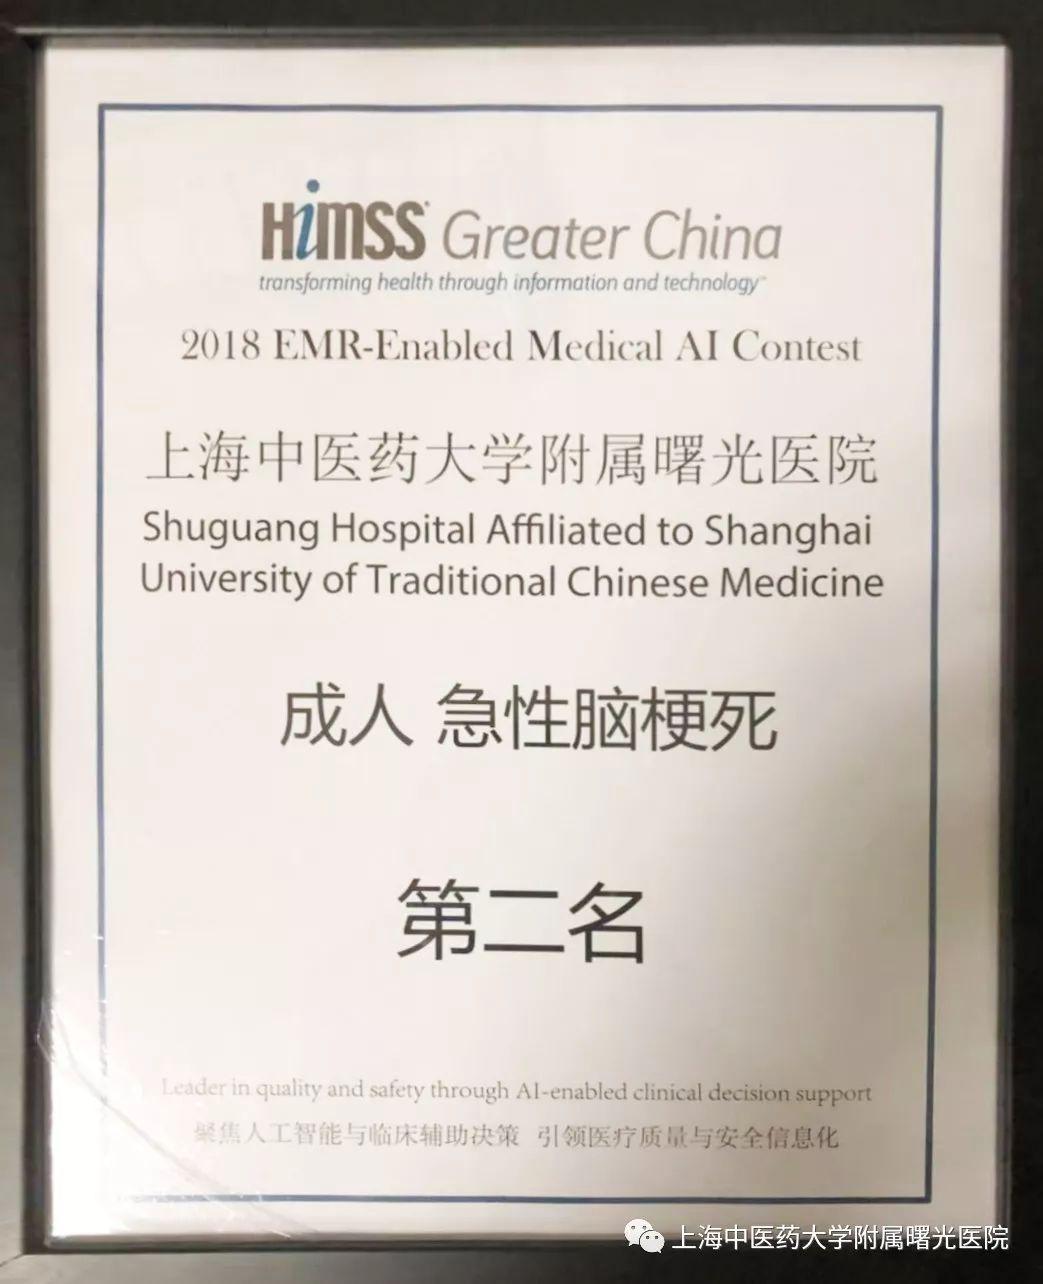 我院荣获首届 基于AI临床决策支持的诊疗依从性竞赛 单病种 成人 急性脑梗死 比赛第二名